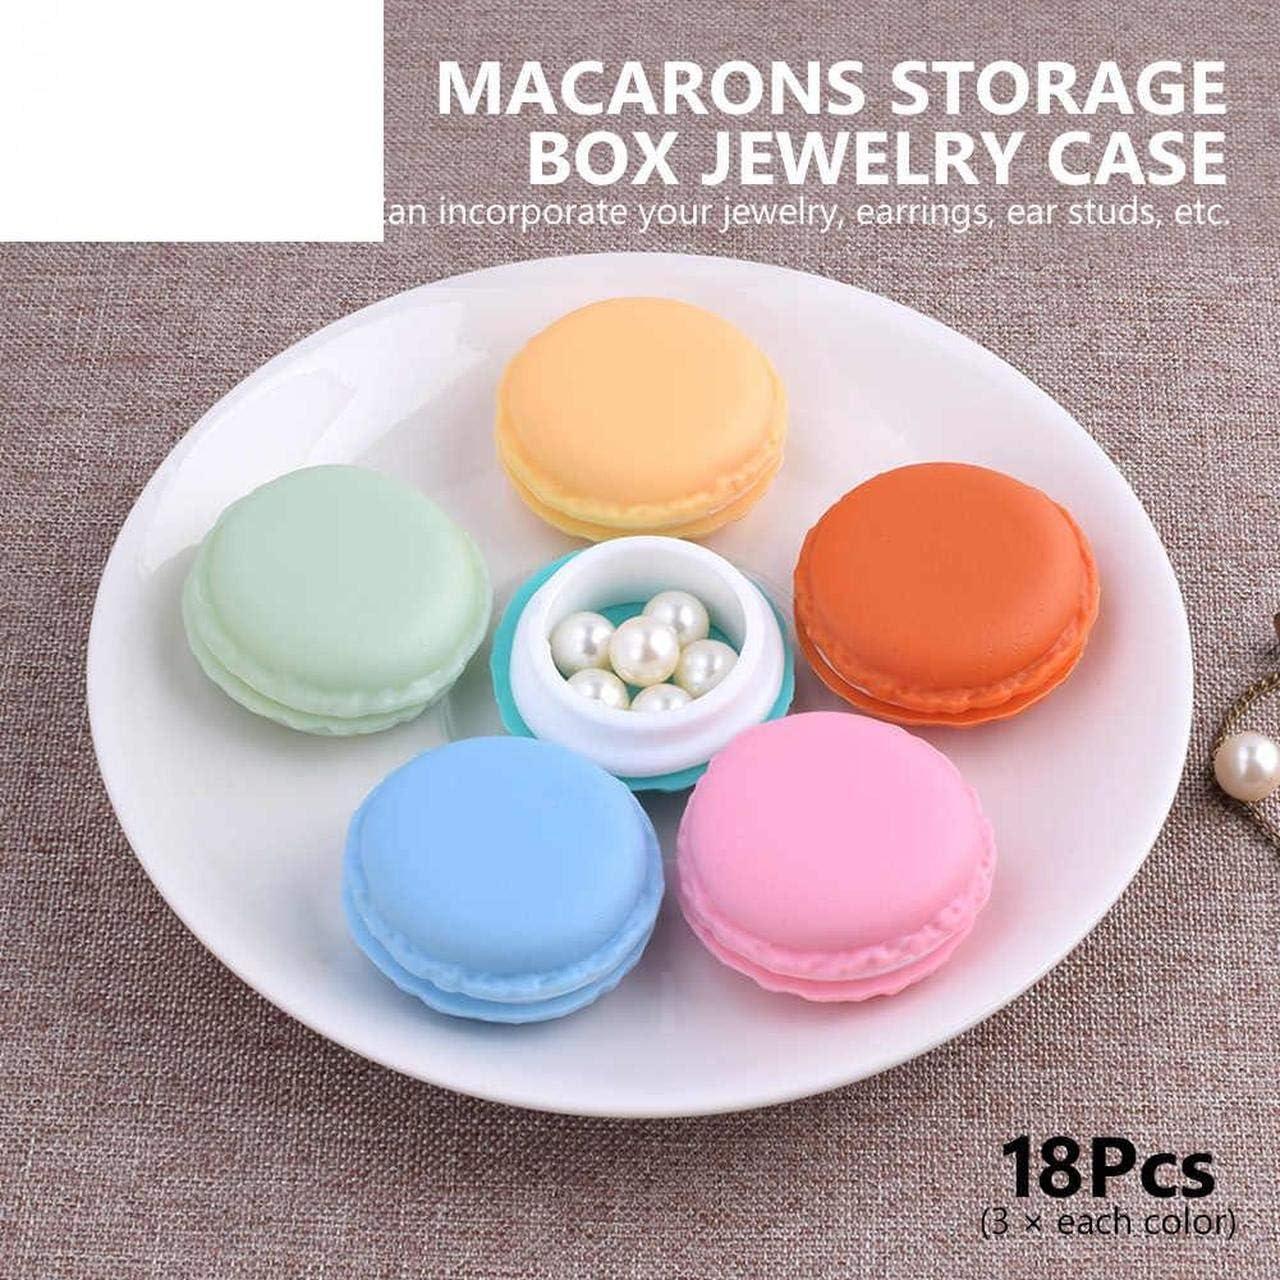 HomeSto 18 Piezas Estilo Creativo Novel Candy Color Macarons Caja Expositor de Joyas Cajas Pendientes Outing Storage Cases 6 Organizadores: Amazon.es: Hogar